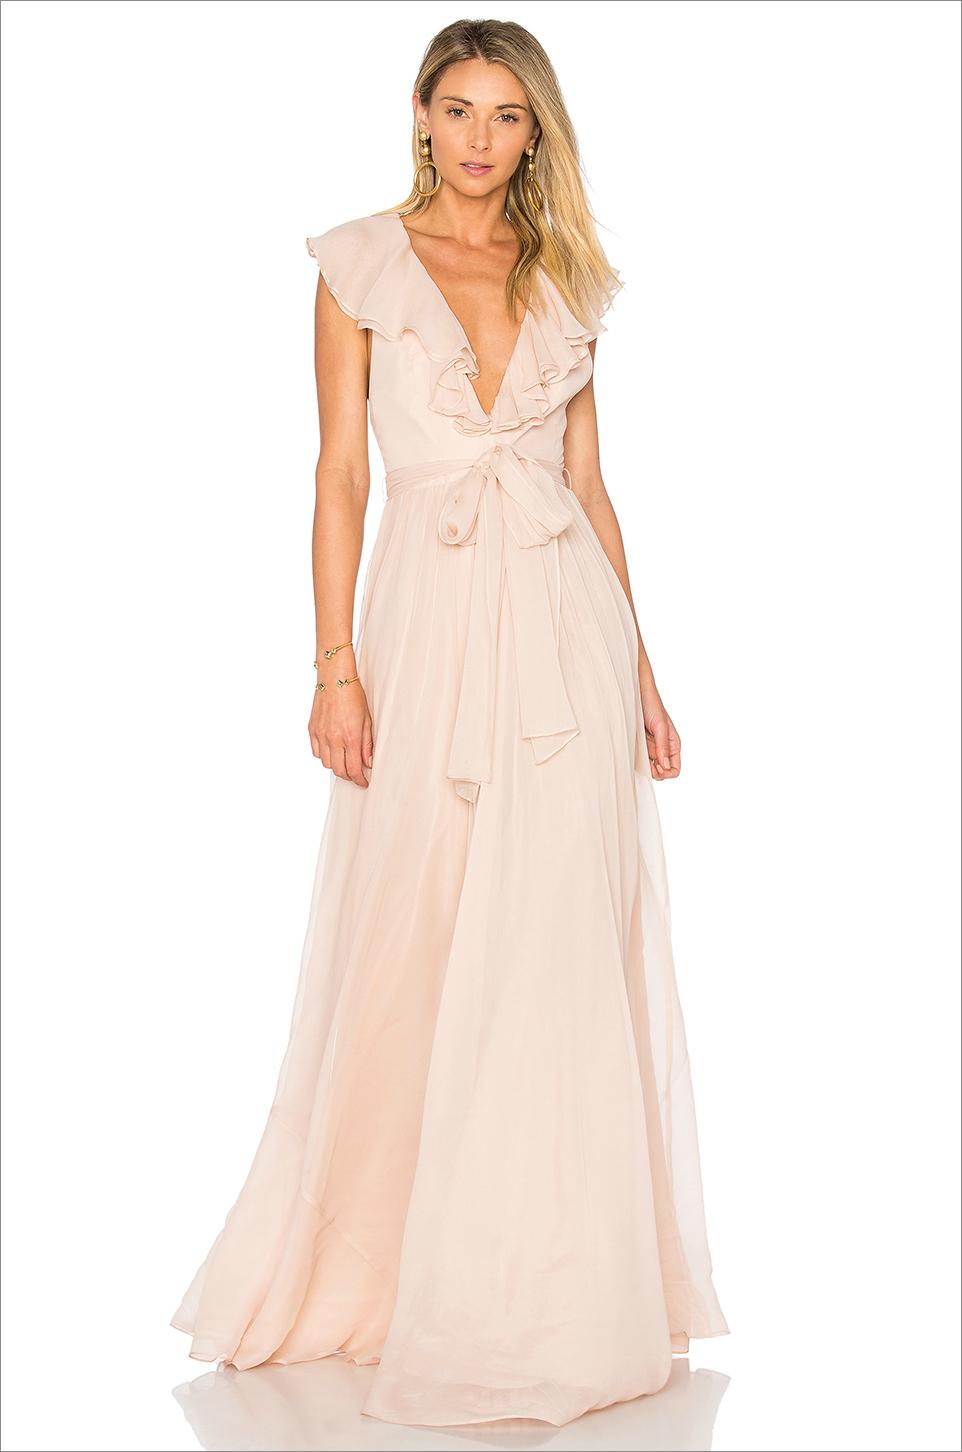 Wedding Ideas: 25 Wedding Guest Dresses You\'ll Love - Inside Weddings